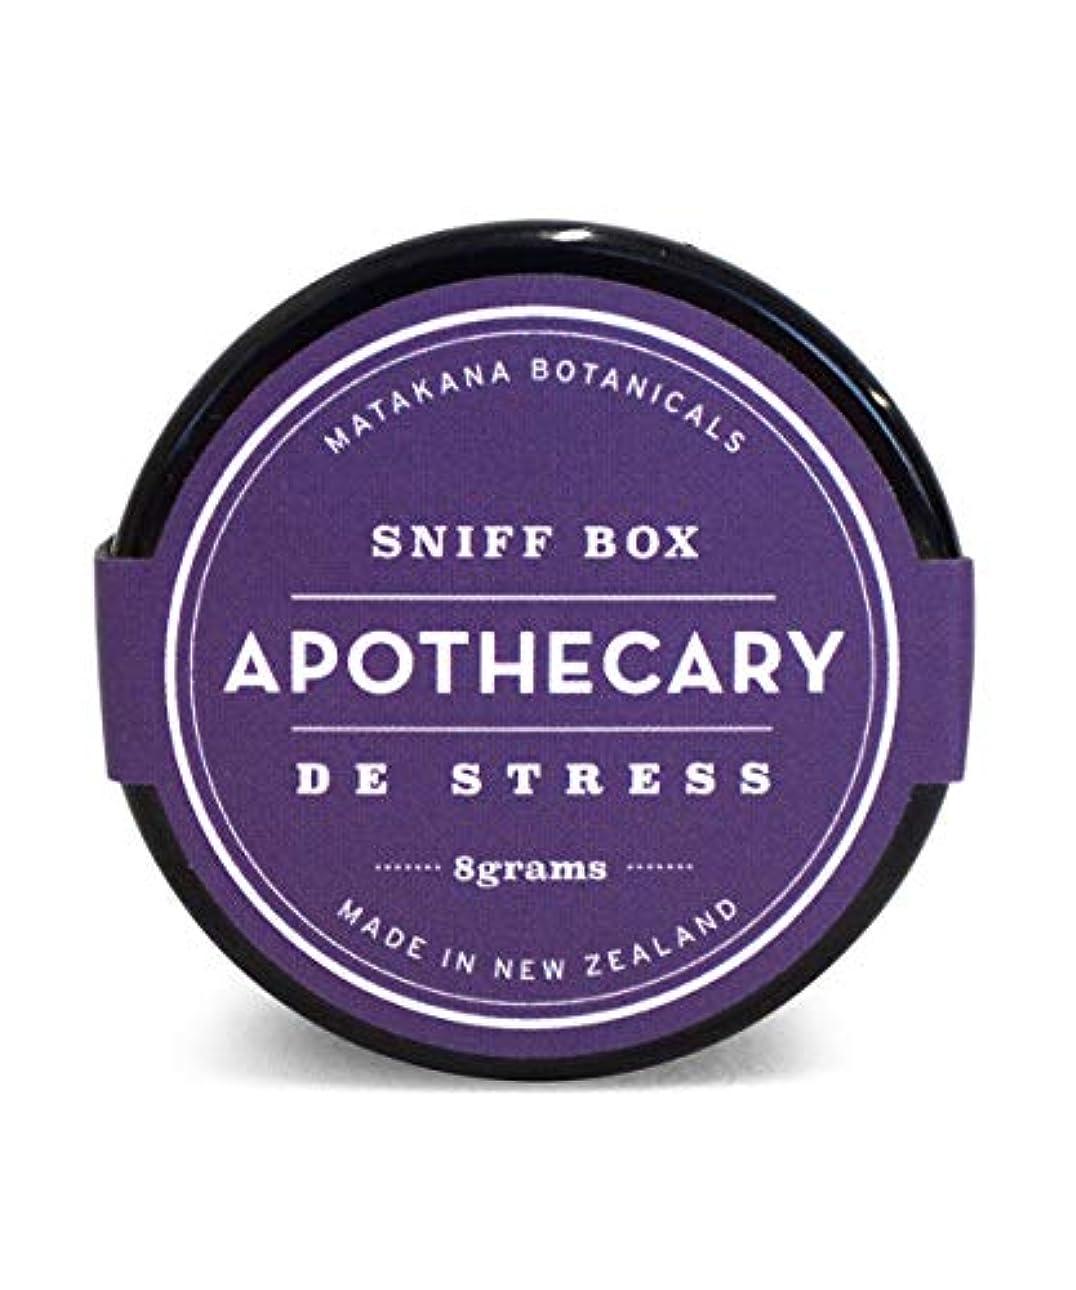 これら幼児有効なAPOTHECARY/スニフボックス デ ストレス アロマビーズ アロマ フレグランス 香り玉